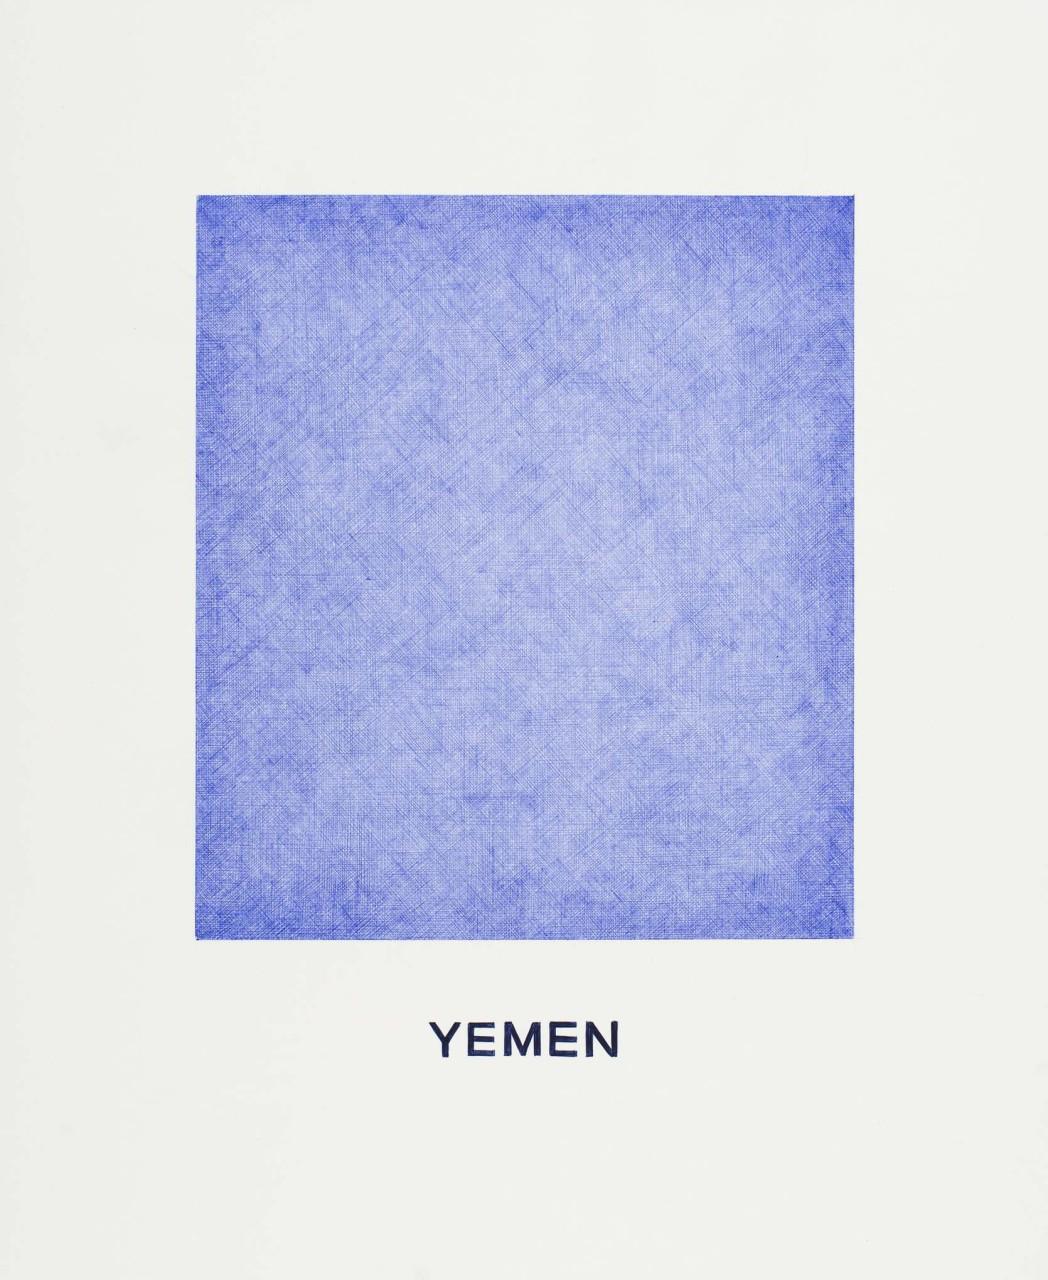 yemen_bassa